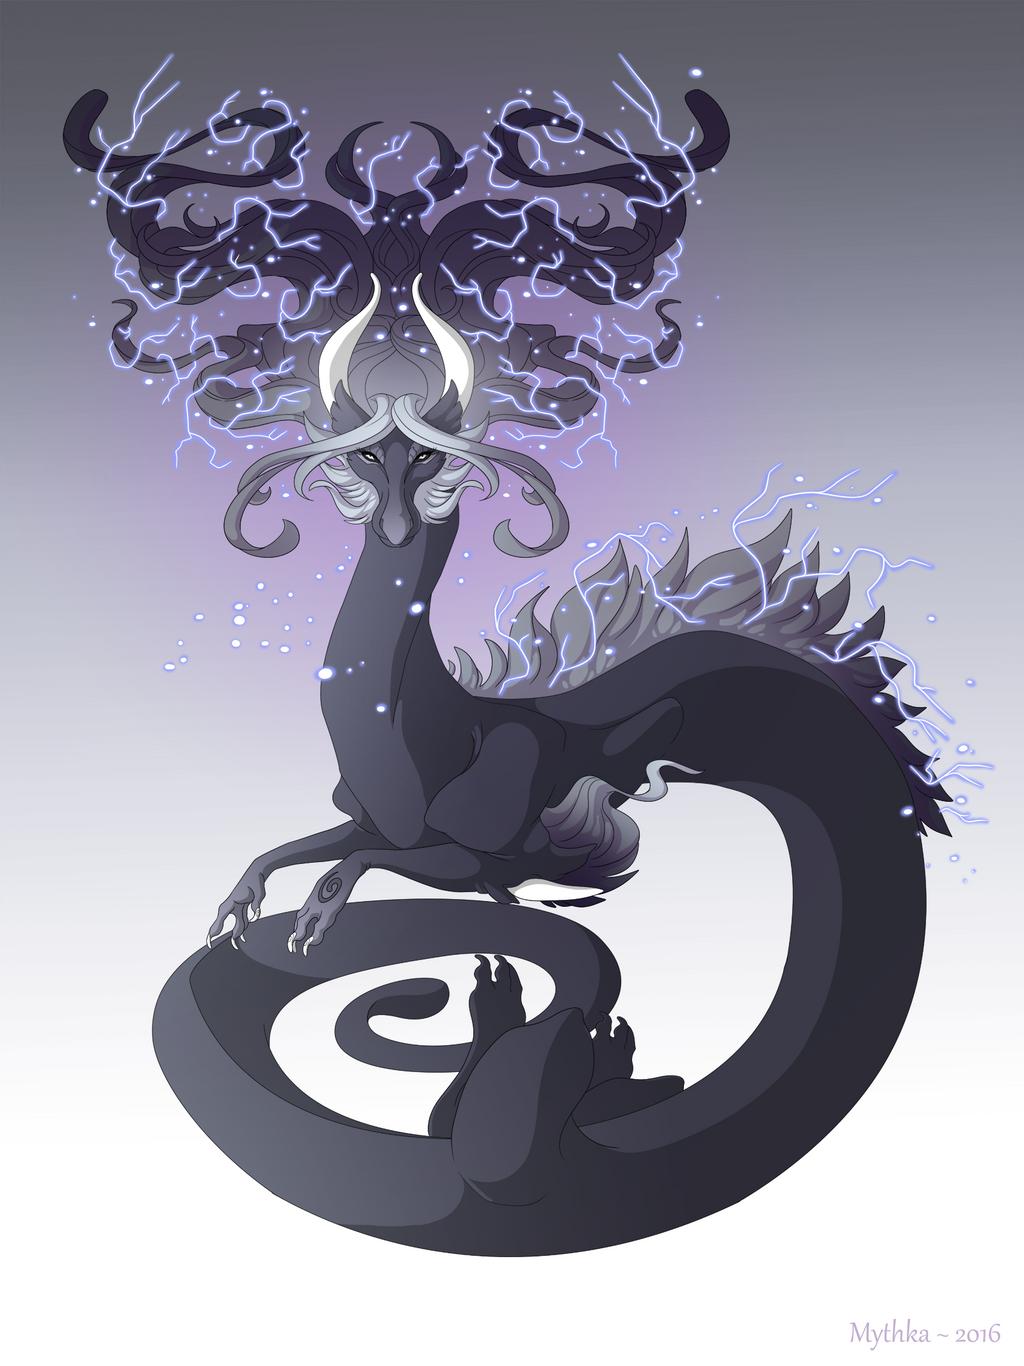 Draciel (Ready For Review!) Dragon_a_day_163__heat_lightning__by_mythka_dabihrv-fullview.png?token=eyJ0eXAiOiJKV1QiLCJhbGciOiJIUzI1NiJ9.eyJzdWIiOiJ1cm46YXBwOjdlMGQxODg5ODIyNjQzNzNhNWYwZDQxNWVhMGQyNmUwIiwiaXNzIjoidXJuOmFwcDo3ZTBkMTg4OTgyMjY0MzczYTVmMGQ0MTVlYTBkMjZlMCIsIm9iaiI6W1t7ImhlaWdodCI6Ijw9MTM2NiIsInBhdGgiOiJcL2ZcLzBkMmI1MmJiLTA0NzYtNDg2YS1hNTVkLWZhNGRhNGQ1M2I2YlwvZGFiaWhydi05ZDY4NGVmNC1jYjM0LTRkYWMtYTJjZC0zNjVkMTJiYjY4NTkucG5nIiwid2lkdGgiOiI8PTEwMjQifV1dLCJhdWQiOlsidXJuOnNlcnZpY2U6aW1hZ2Uub3BlcmF0aW9ucyJdfQ